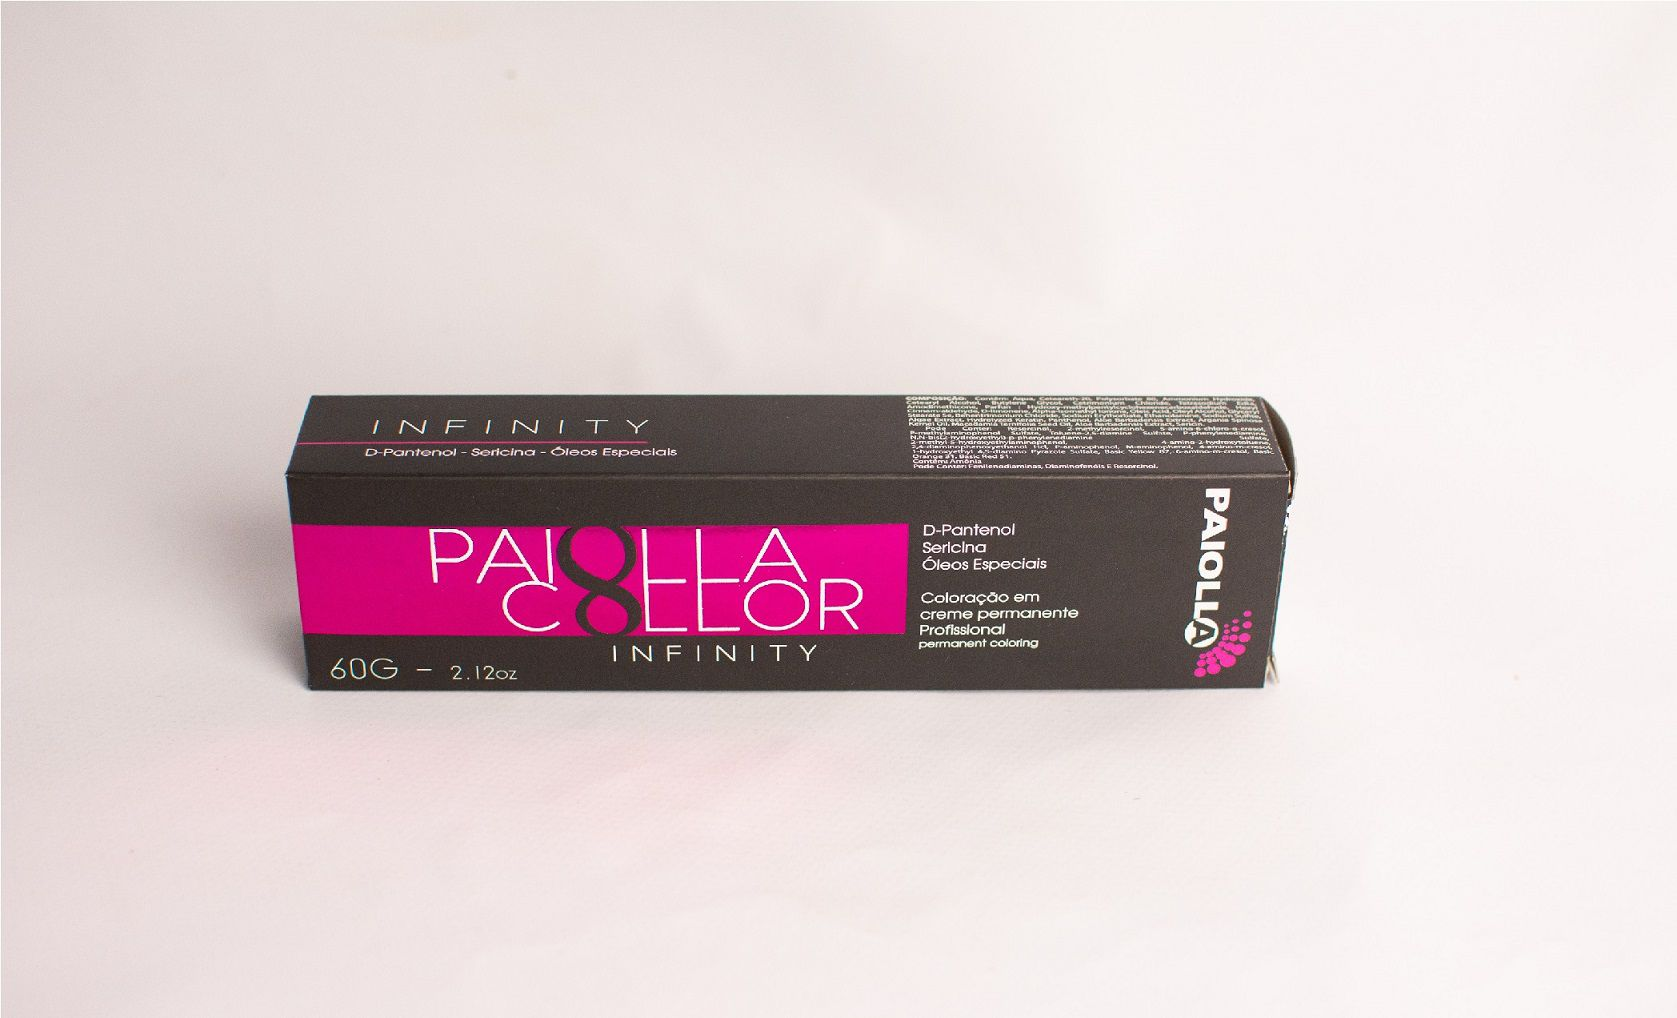 1.0 Preto - Coloração Paiolla Collor Infinity